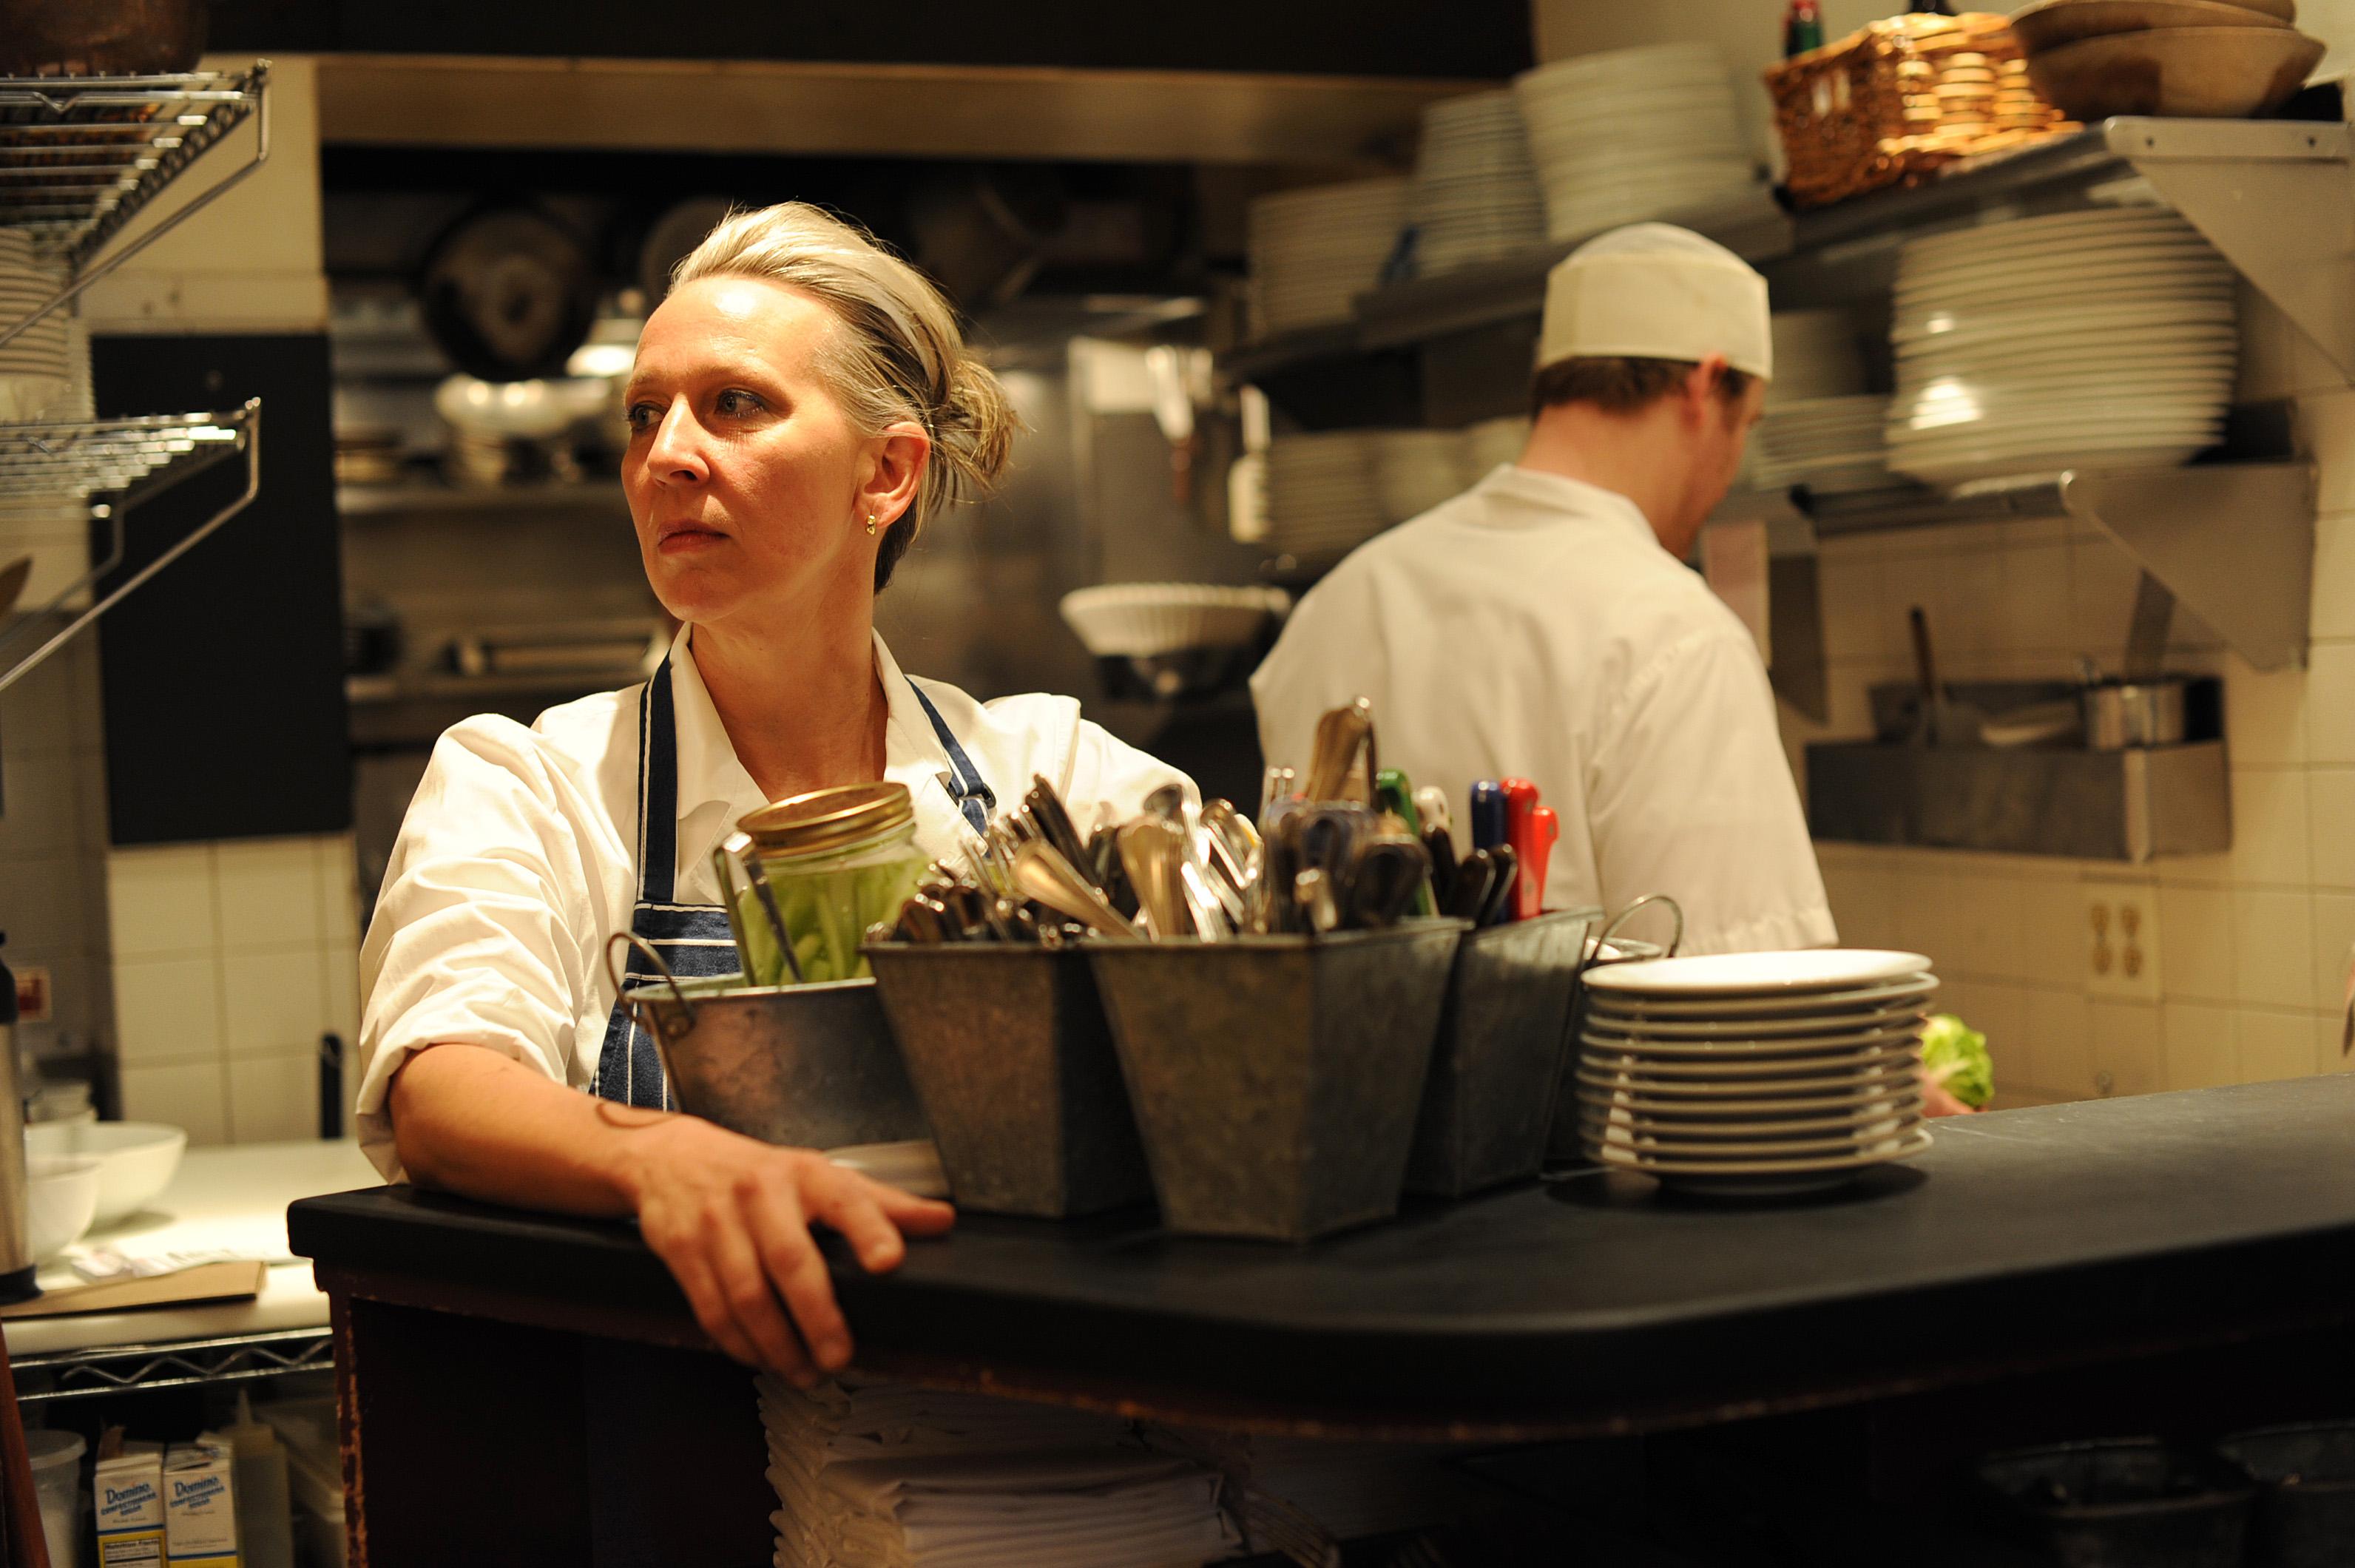 Gabrielle Hamilton in Prune's kitchen